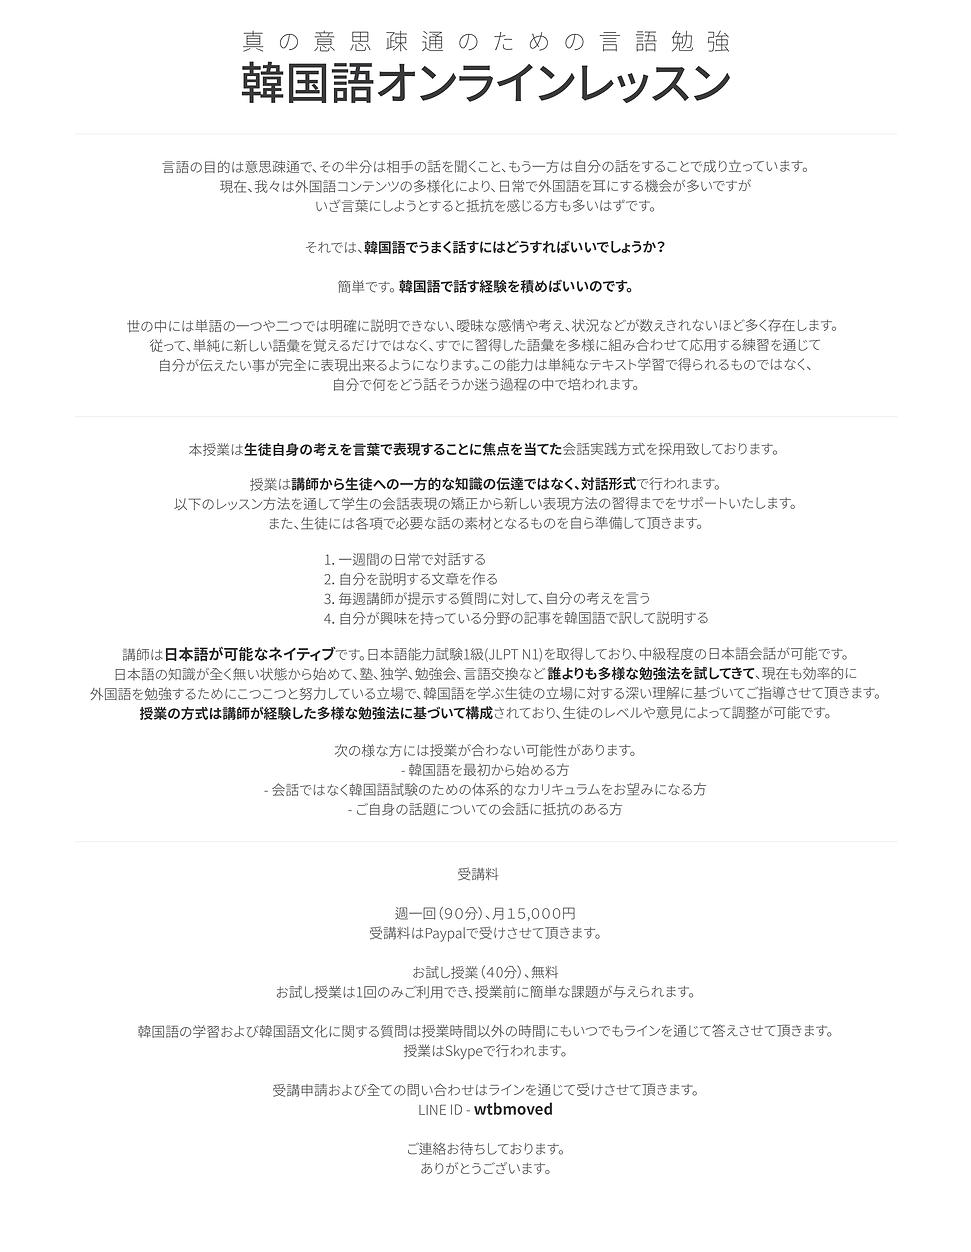 과외광고-03.png